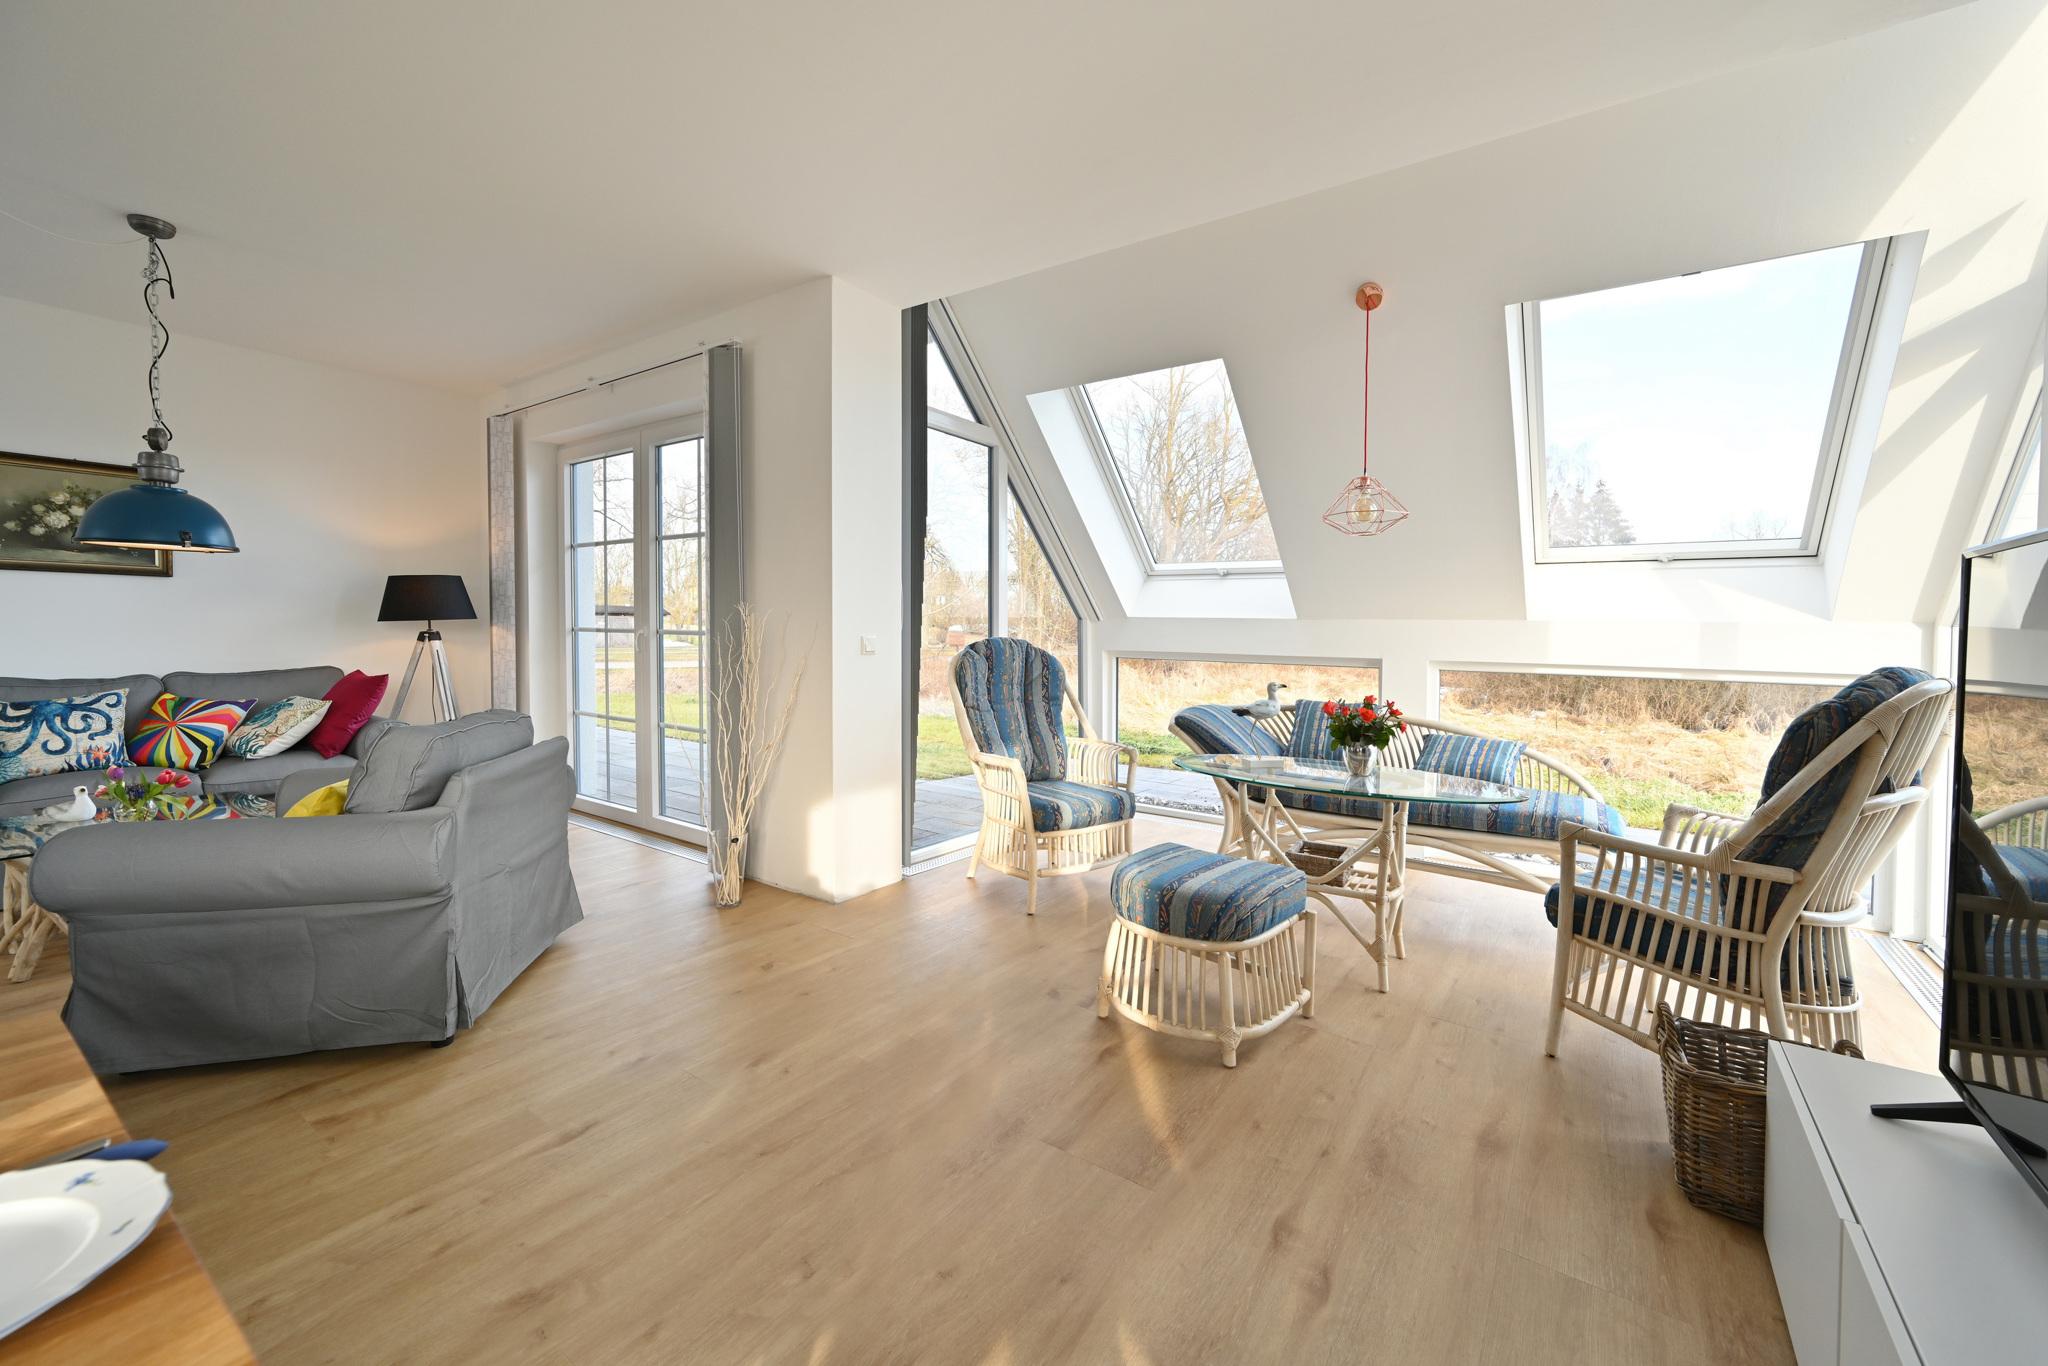 Ferienhaus mit Reetdach, großem Grundstück und Privatweg zum Hafen (2879480), Poseritz, Rügen, Mecklenburg-Vorpommern, Deutschland, Bild 43